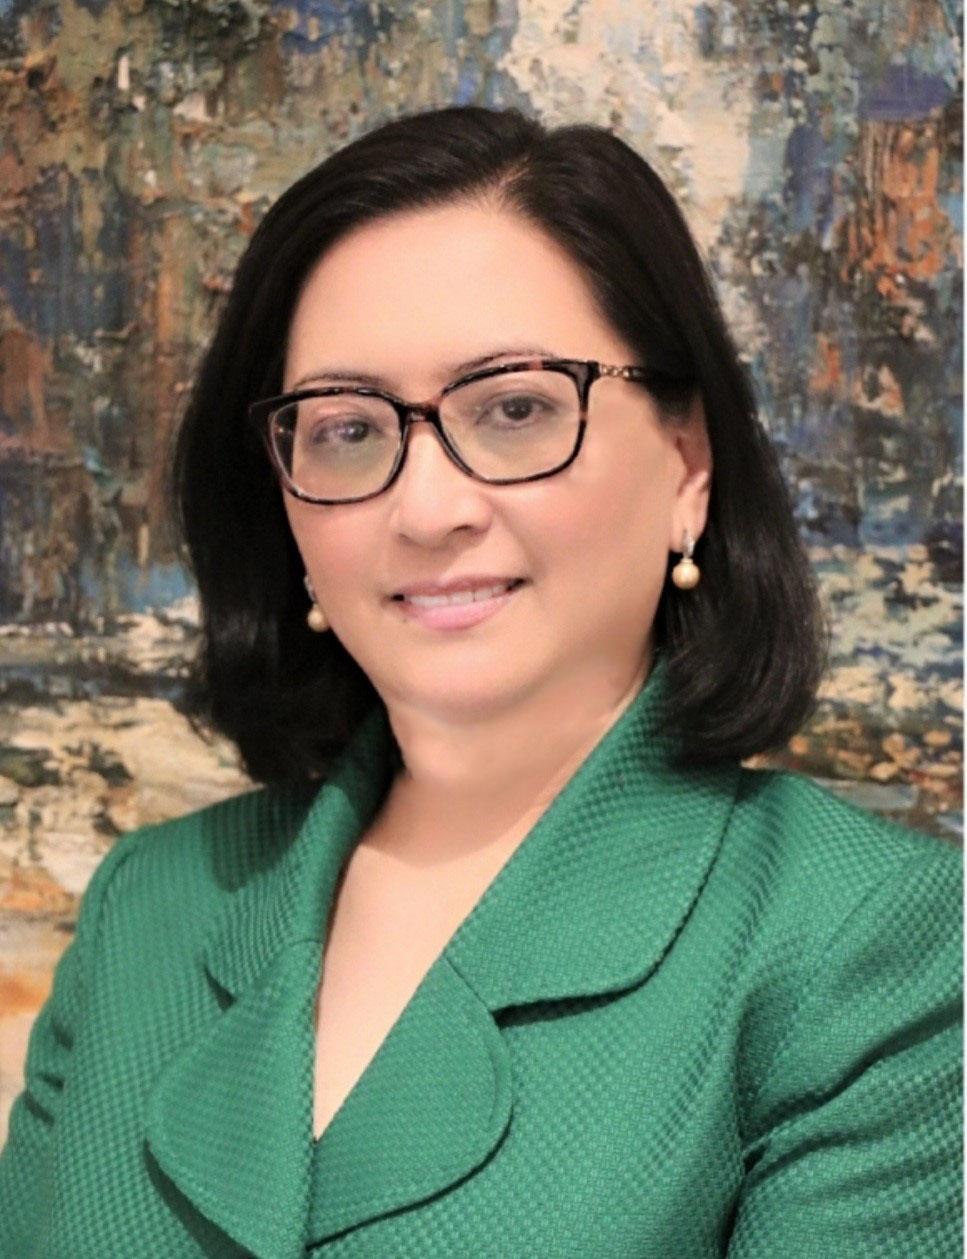 Llena Sta.Ana, RN. LNHA